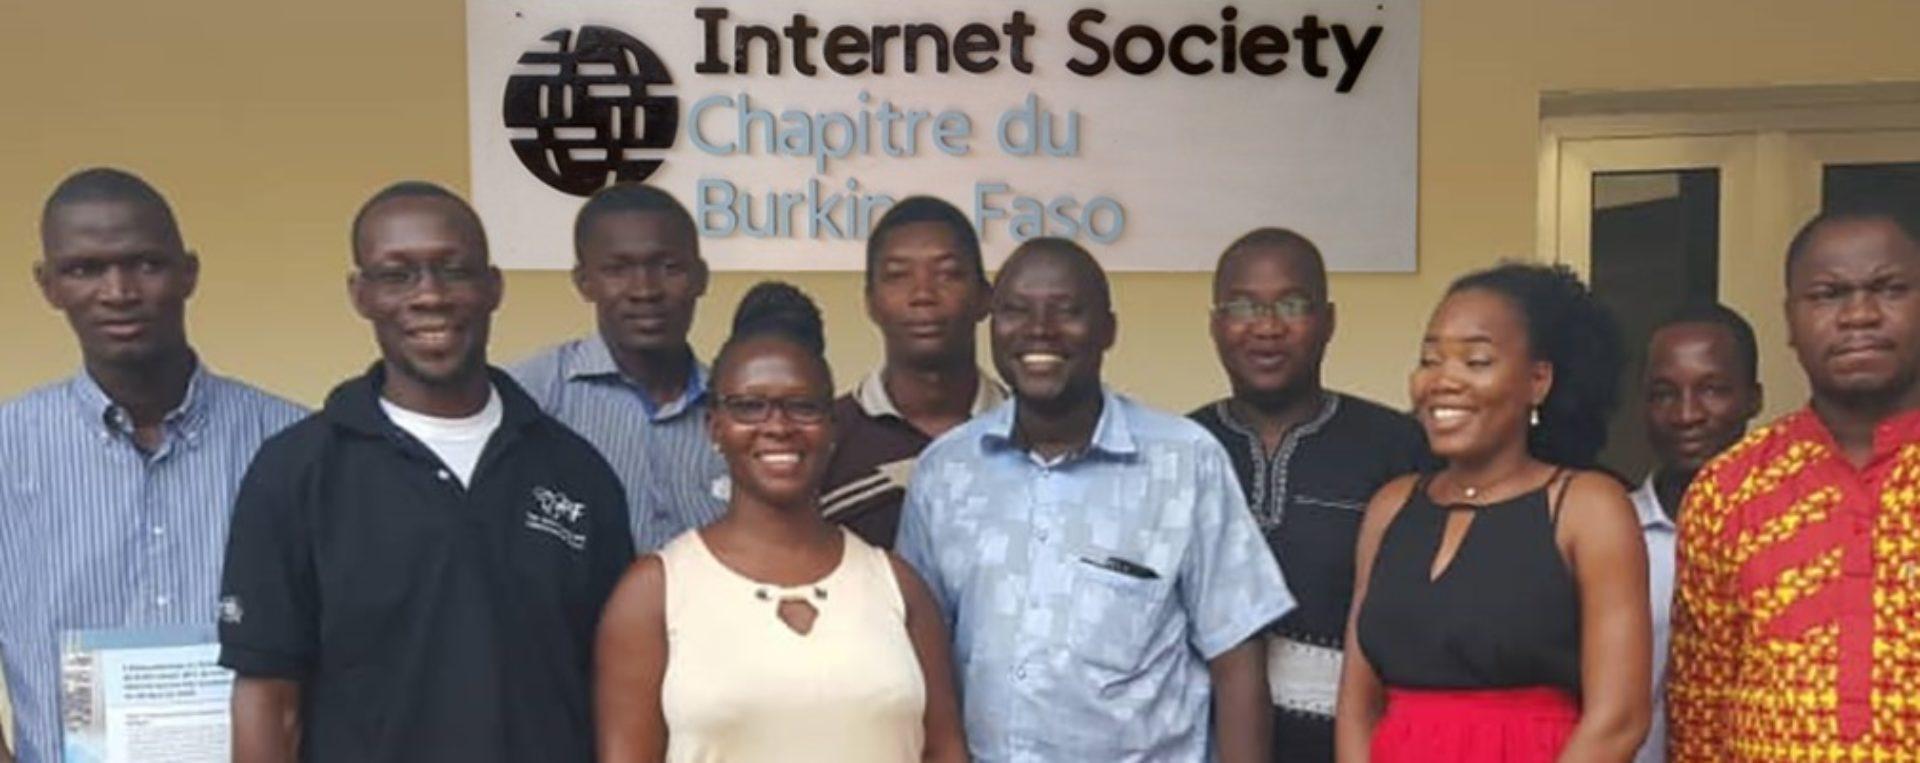 Internet Society Chapitre du Burkina